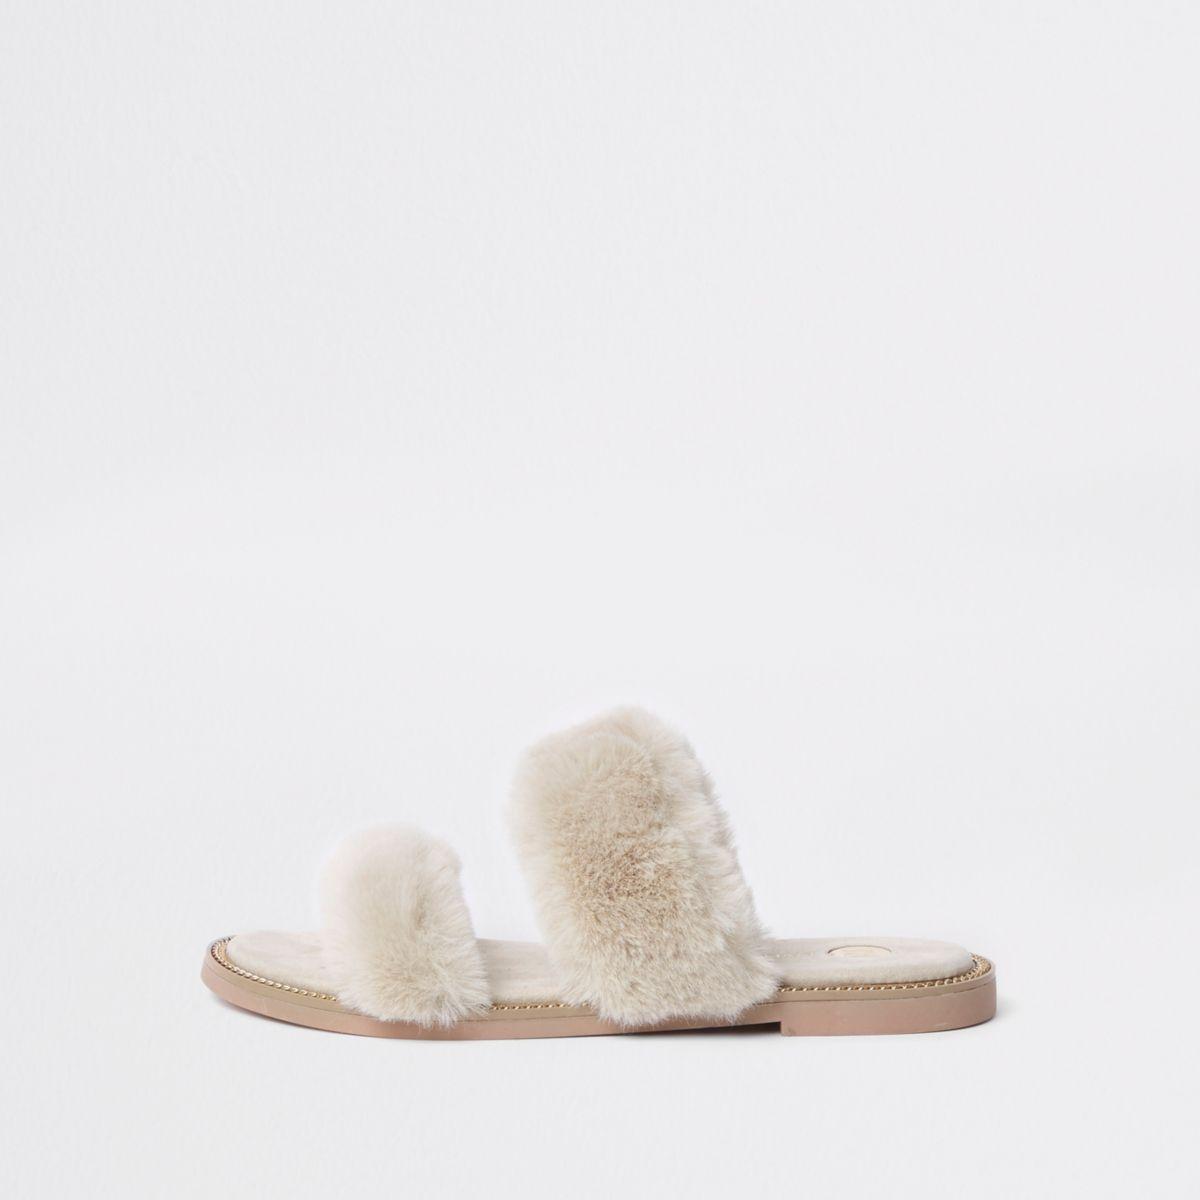 Cream faux fur strap sandals